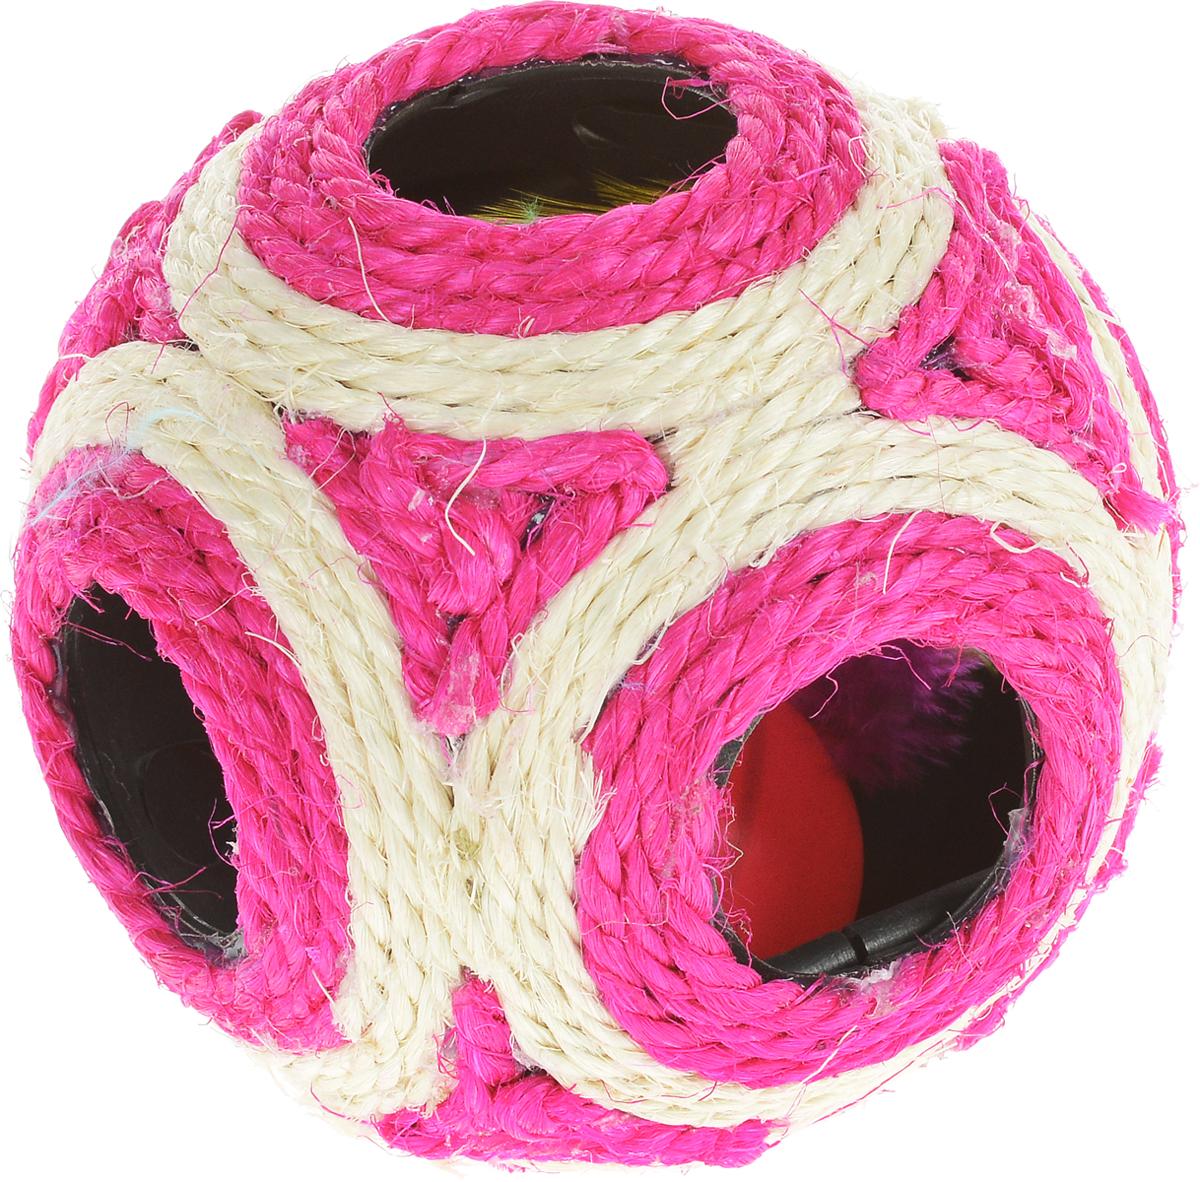 Когтеточка Triol Мяч, цвет: фуксия, слоновая кость, диаметр 11,5 смКк-05800/NT-309_фуксия, слоновая костьКогтеточка Triol Мяч выполнена из разноцветного сизаля. Внутри когтеточки расположена игрушка в виде шарика-погремушки с перьями, которые привлекут внимание вашего питомца. Всем кошкам необходимо стачивать когти. Когтеточка - один из самых необходимых аксессуаров для кошки. Когтеточка должна висеть на такой высоте, чтобы кошка могла встать на задние лапы и вытянуть наверх передние. Для приучения к когтеточке можно натереть ее сухой валерьянкой или кошачьей мятой. Когтеточка Triol Мяч поможет вашему любимцу стачивать когти и при этом не портить вашу мебель. Диаметр когтеточки: 11,5 см.